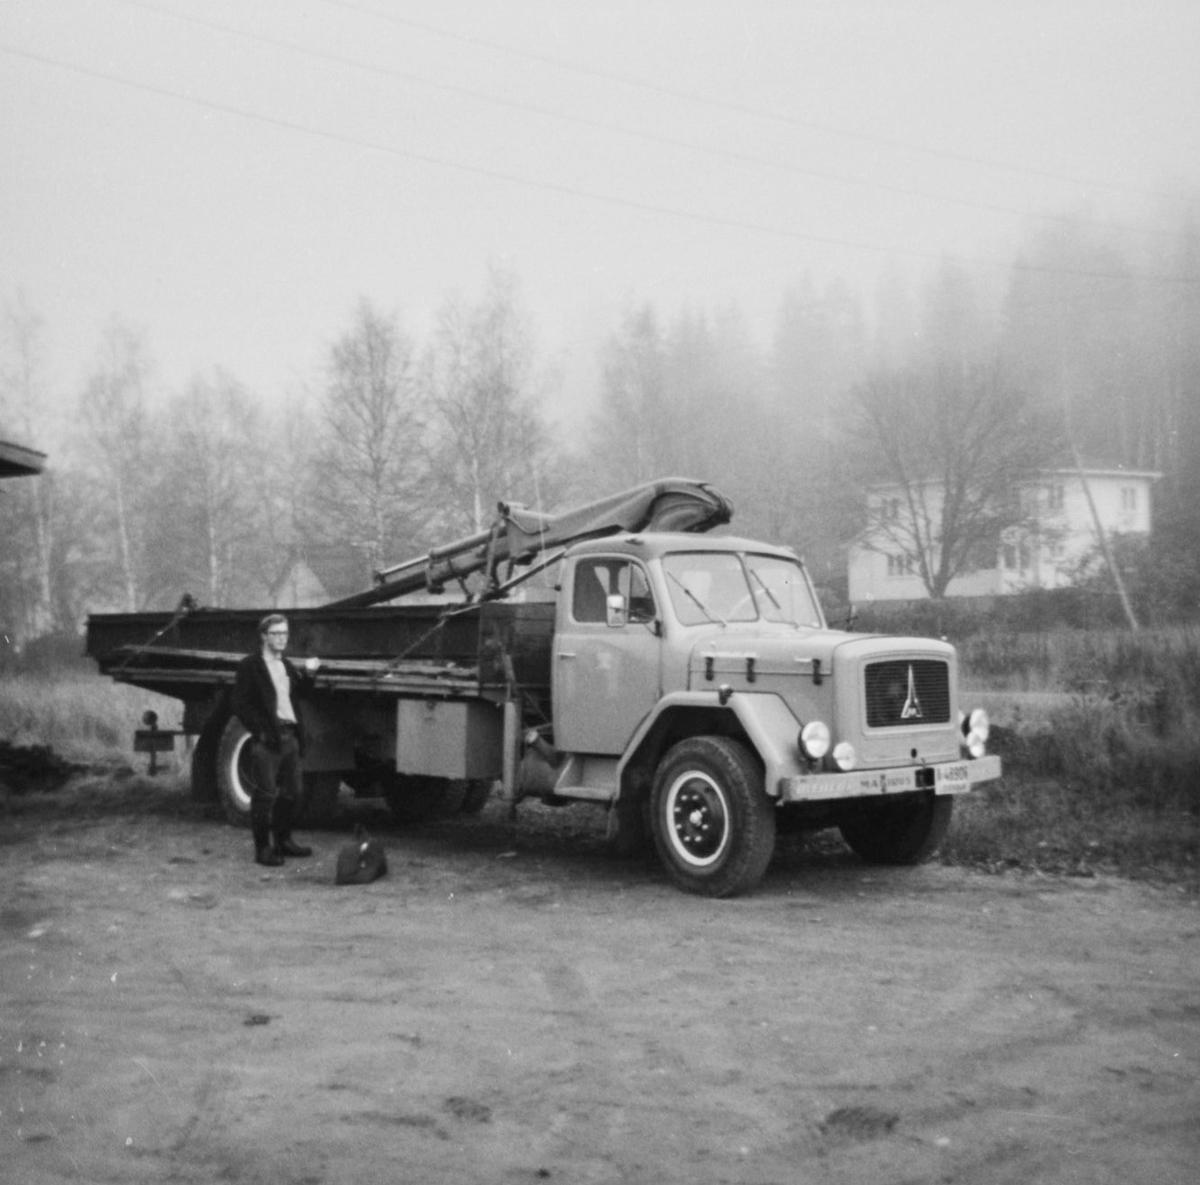 Driftsingeniør Olaf Wiegels foran lastebil som ble benyttet til transport av skinnemateriell m.v. fra Skulerud til museumsbanen på Sørumsand.